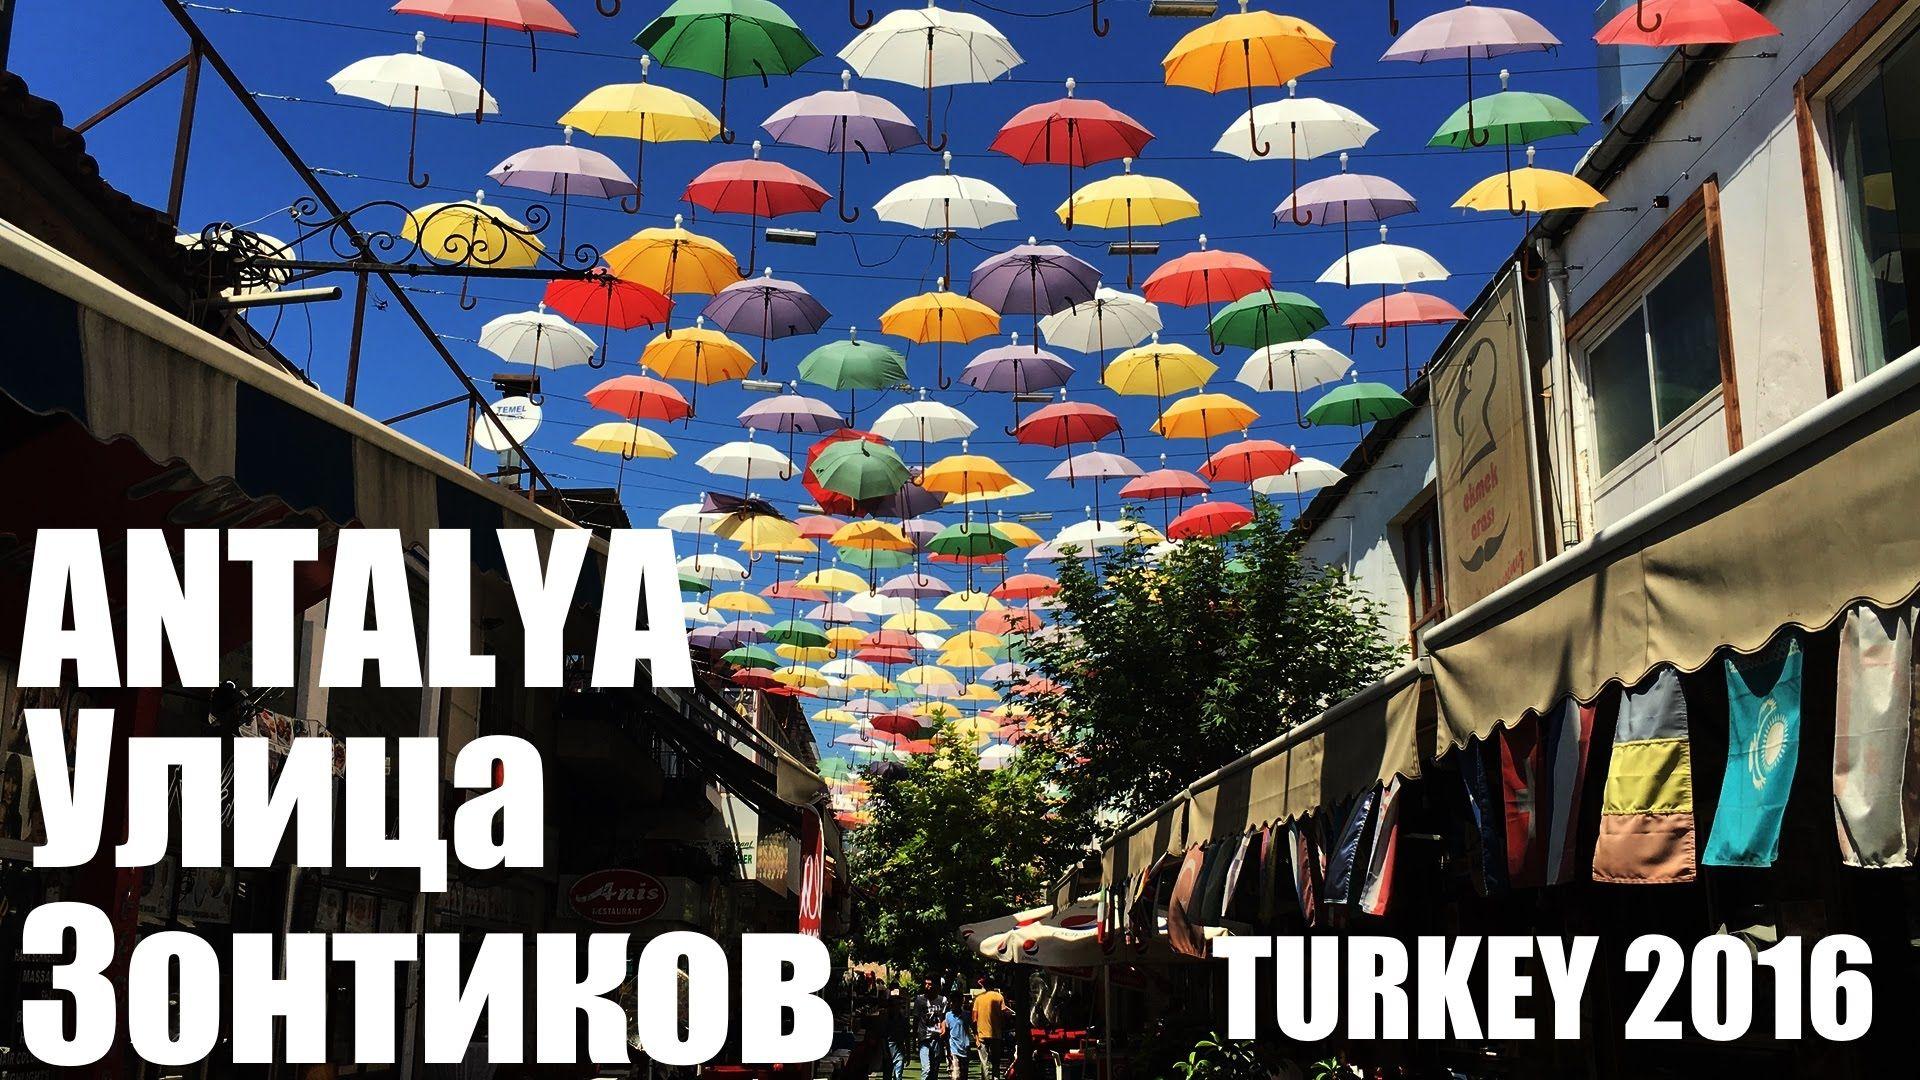 Улица Зонтиков в Анталии - Street Umbrella in Antalya - Turkey 2016 [IVA...